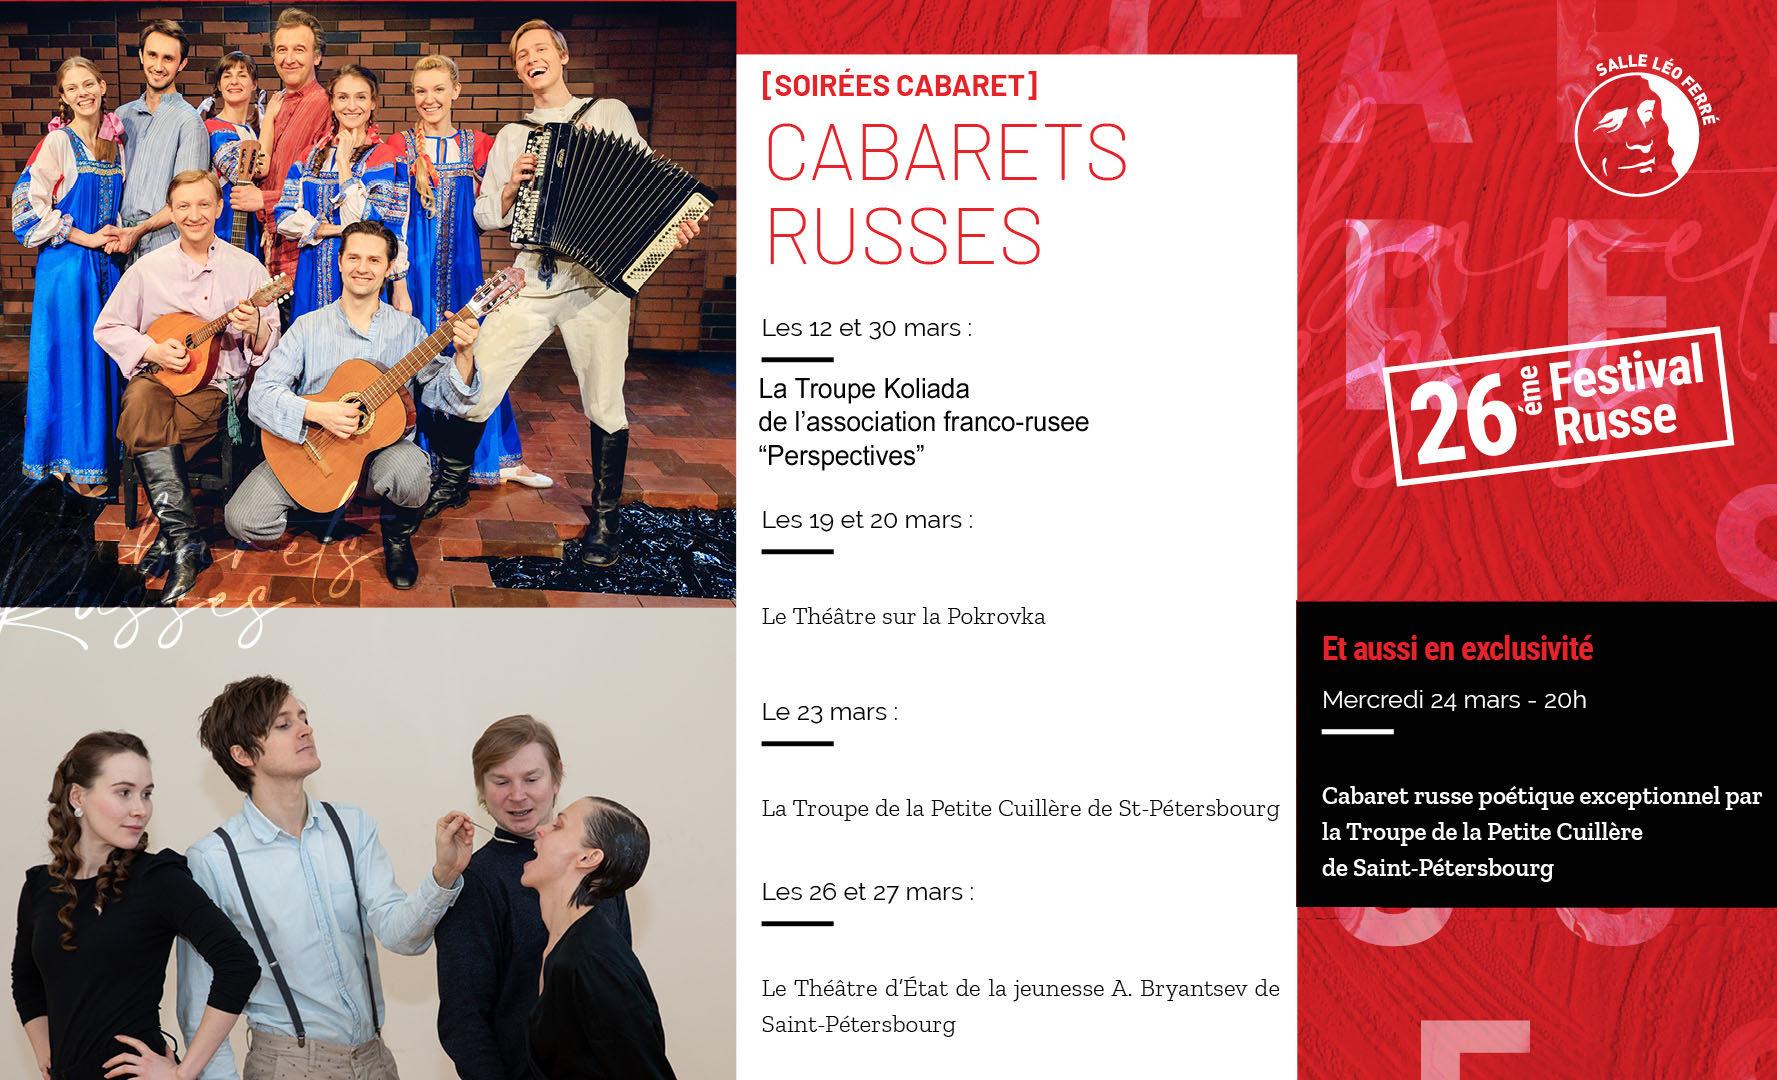 Les 12 et 30 mars 2021, après Les Ballets Légendaires et Le Maître et Marguerite, les cabarets seront animés par la troupe Koliada.